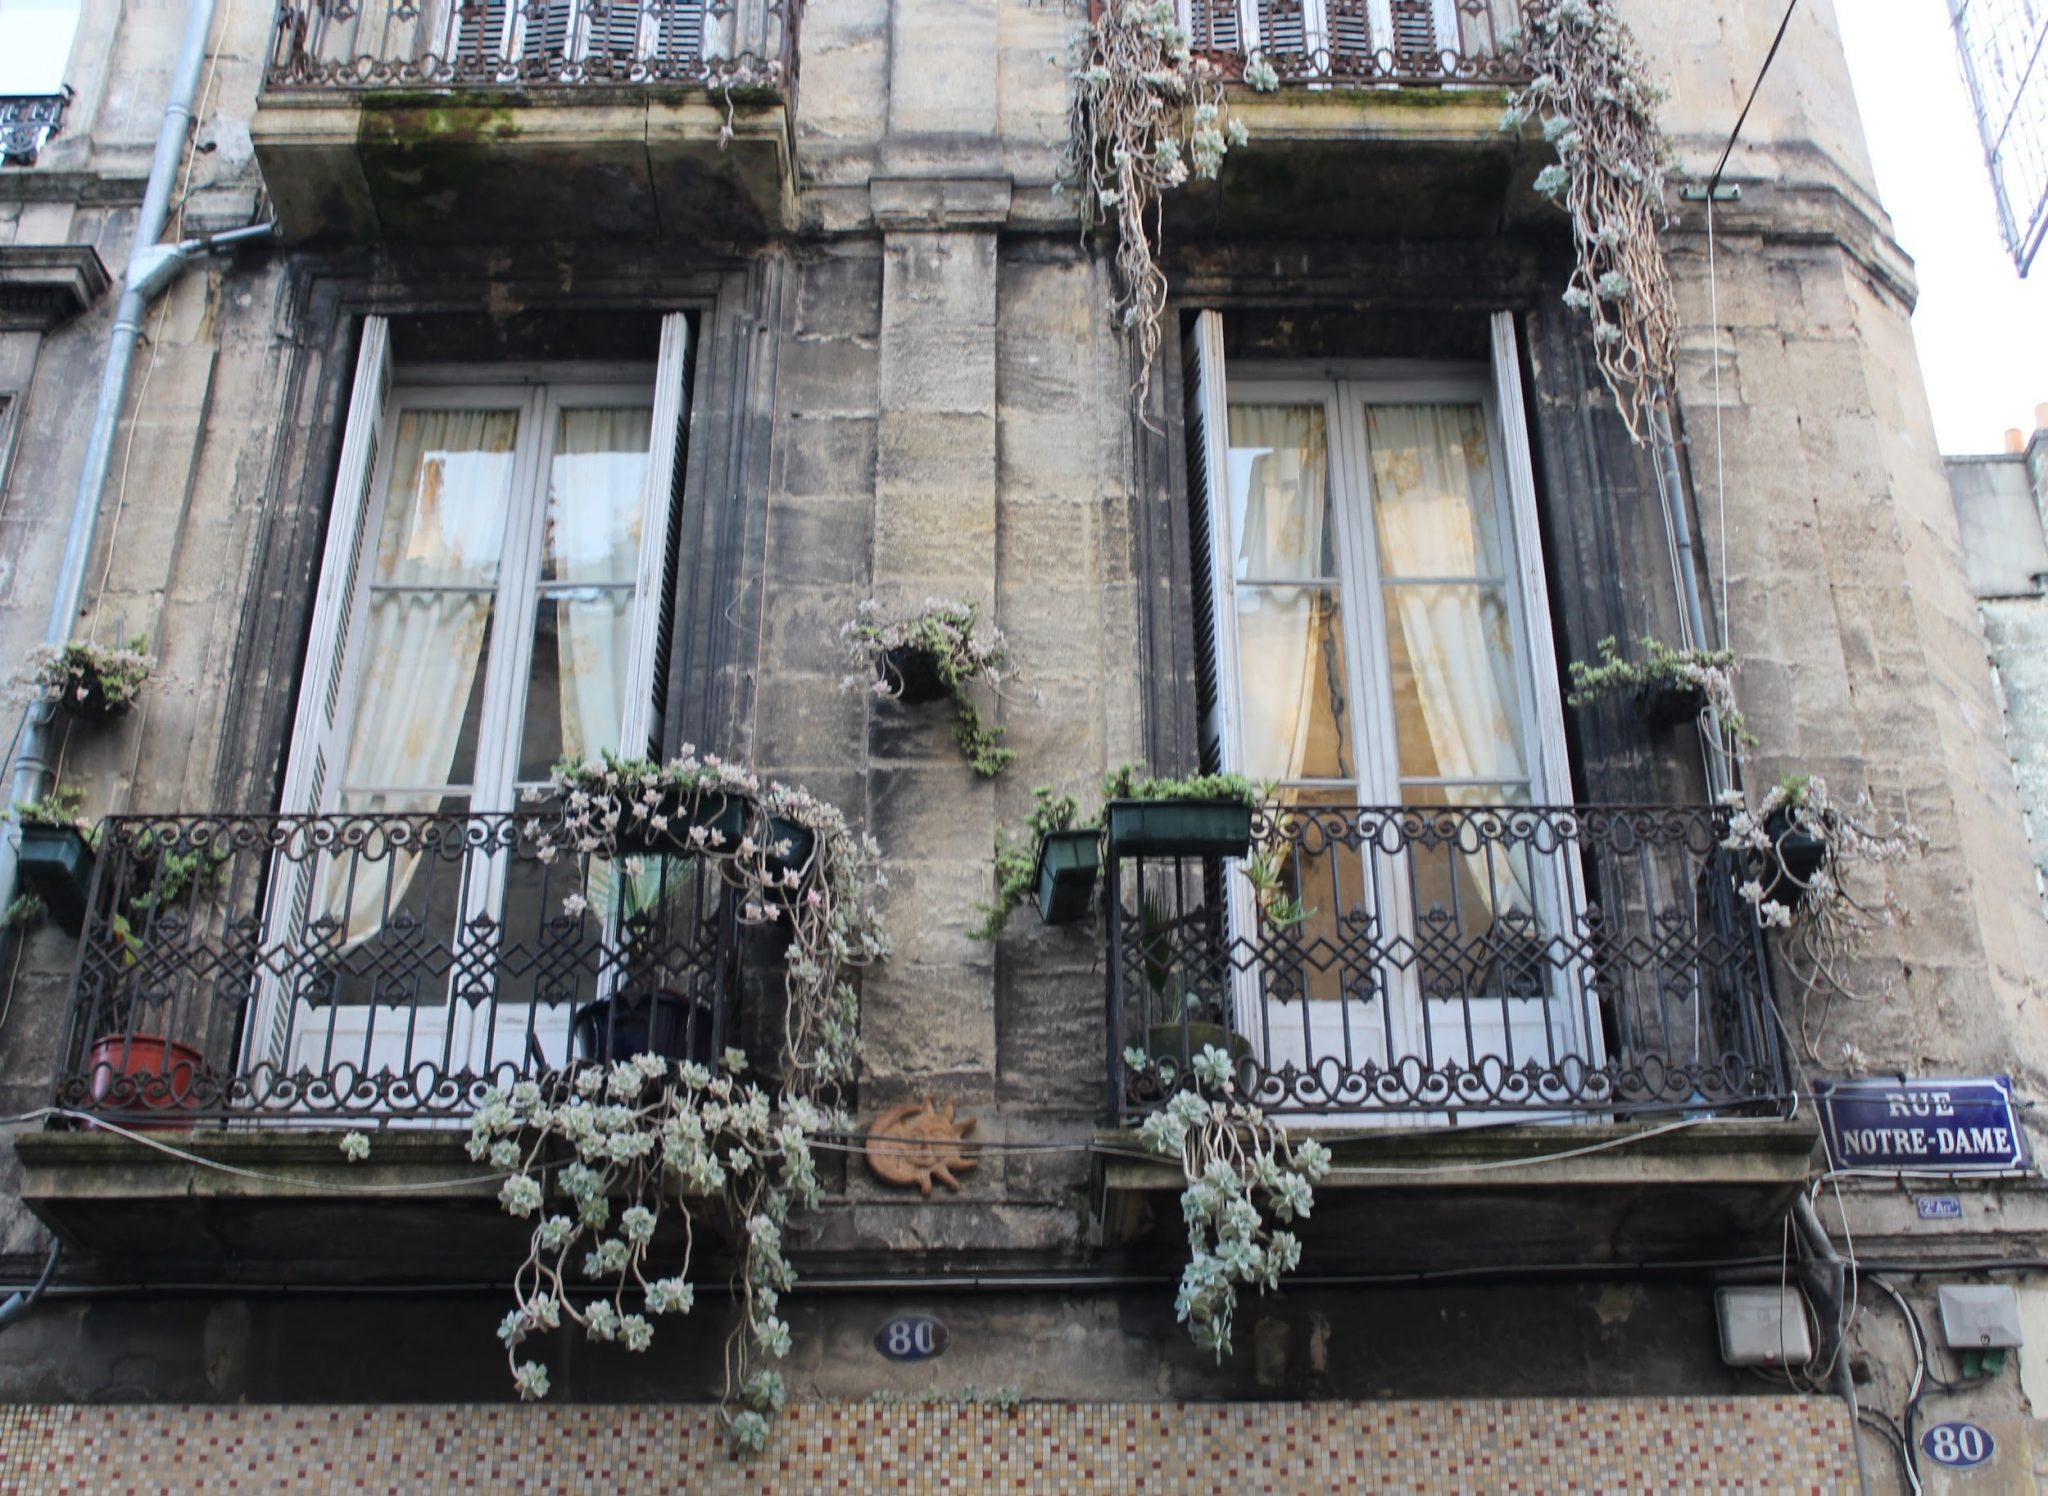 Balcons fleuris 80 rue notre dame